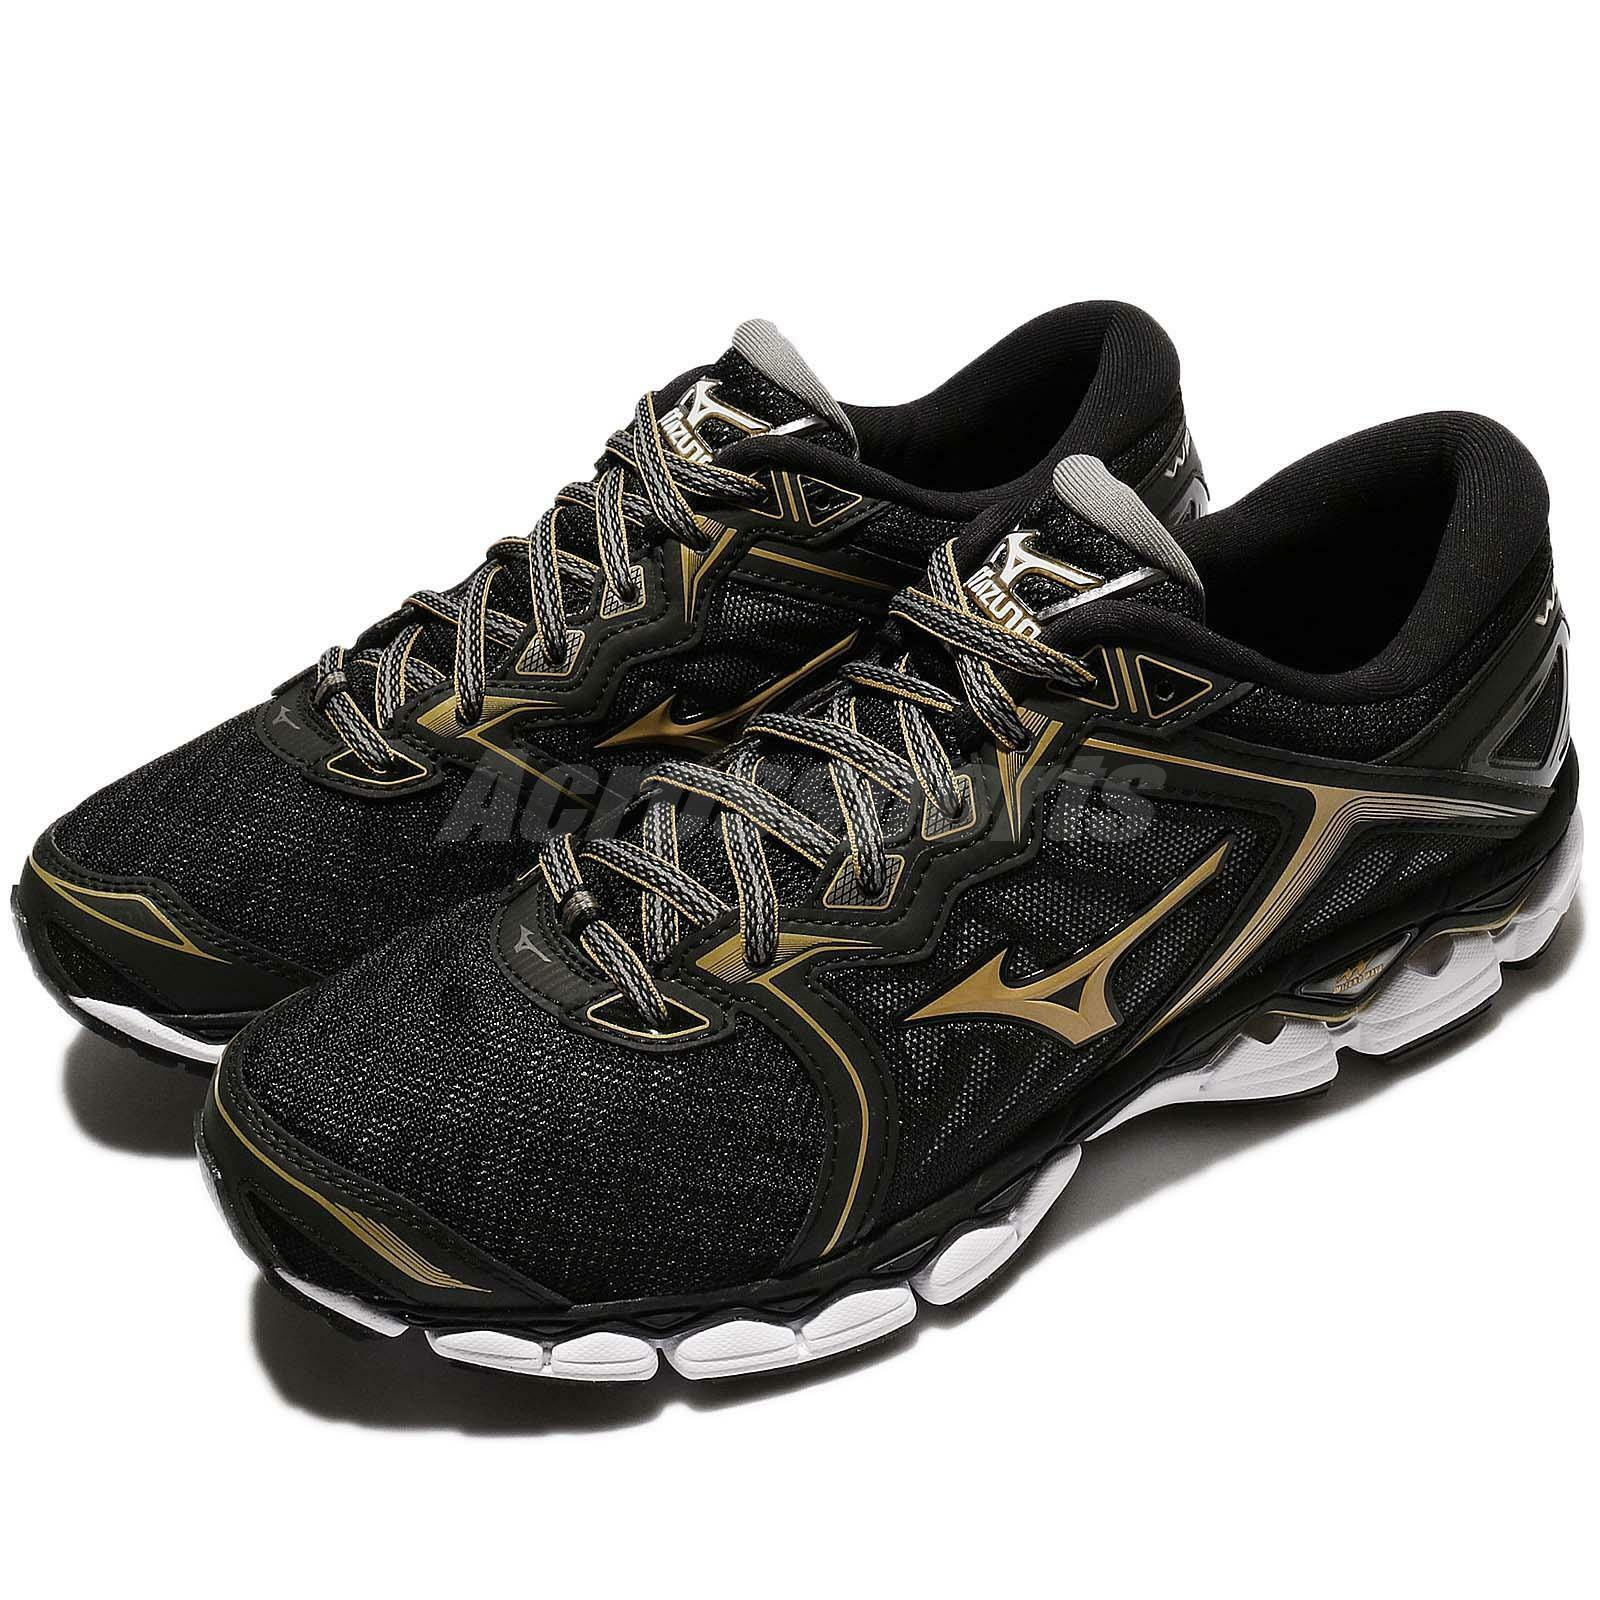 Mizuno Wave Cielo oro Negro Hombre Running Zapatos Tenis Entrenadores J1GC17-0250